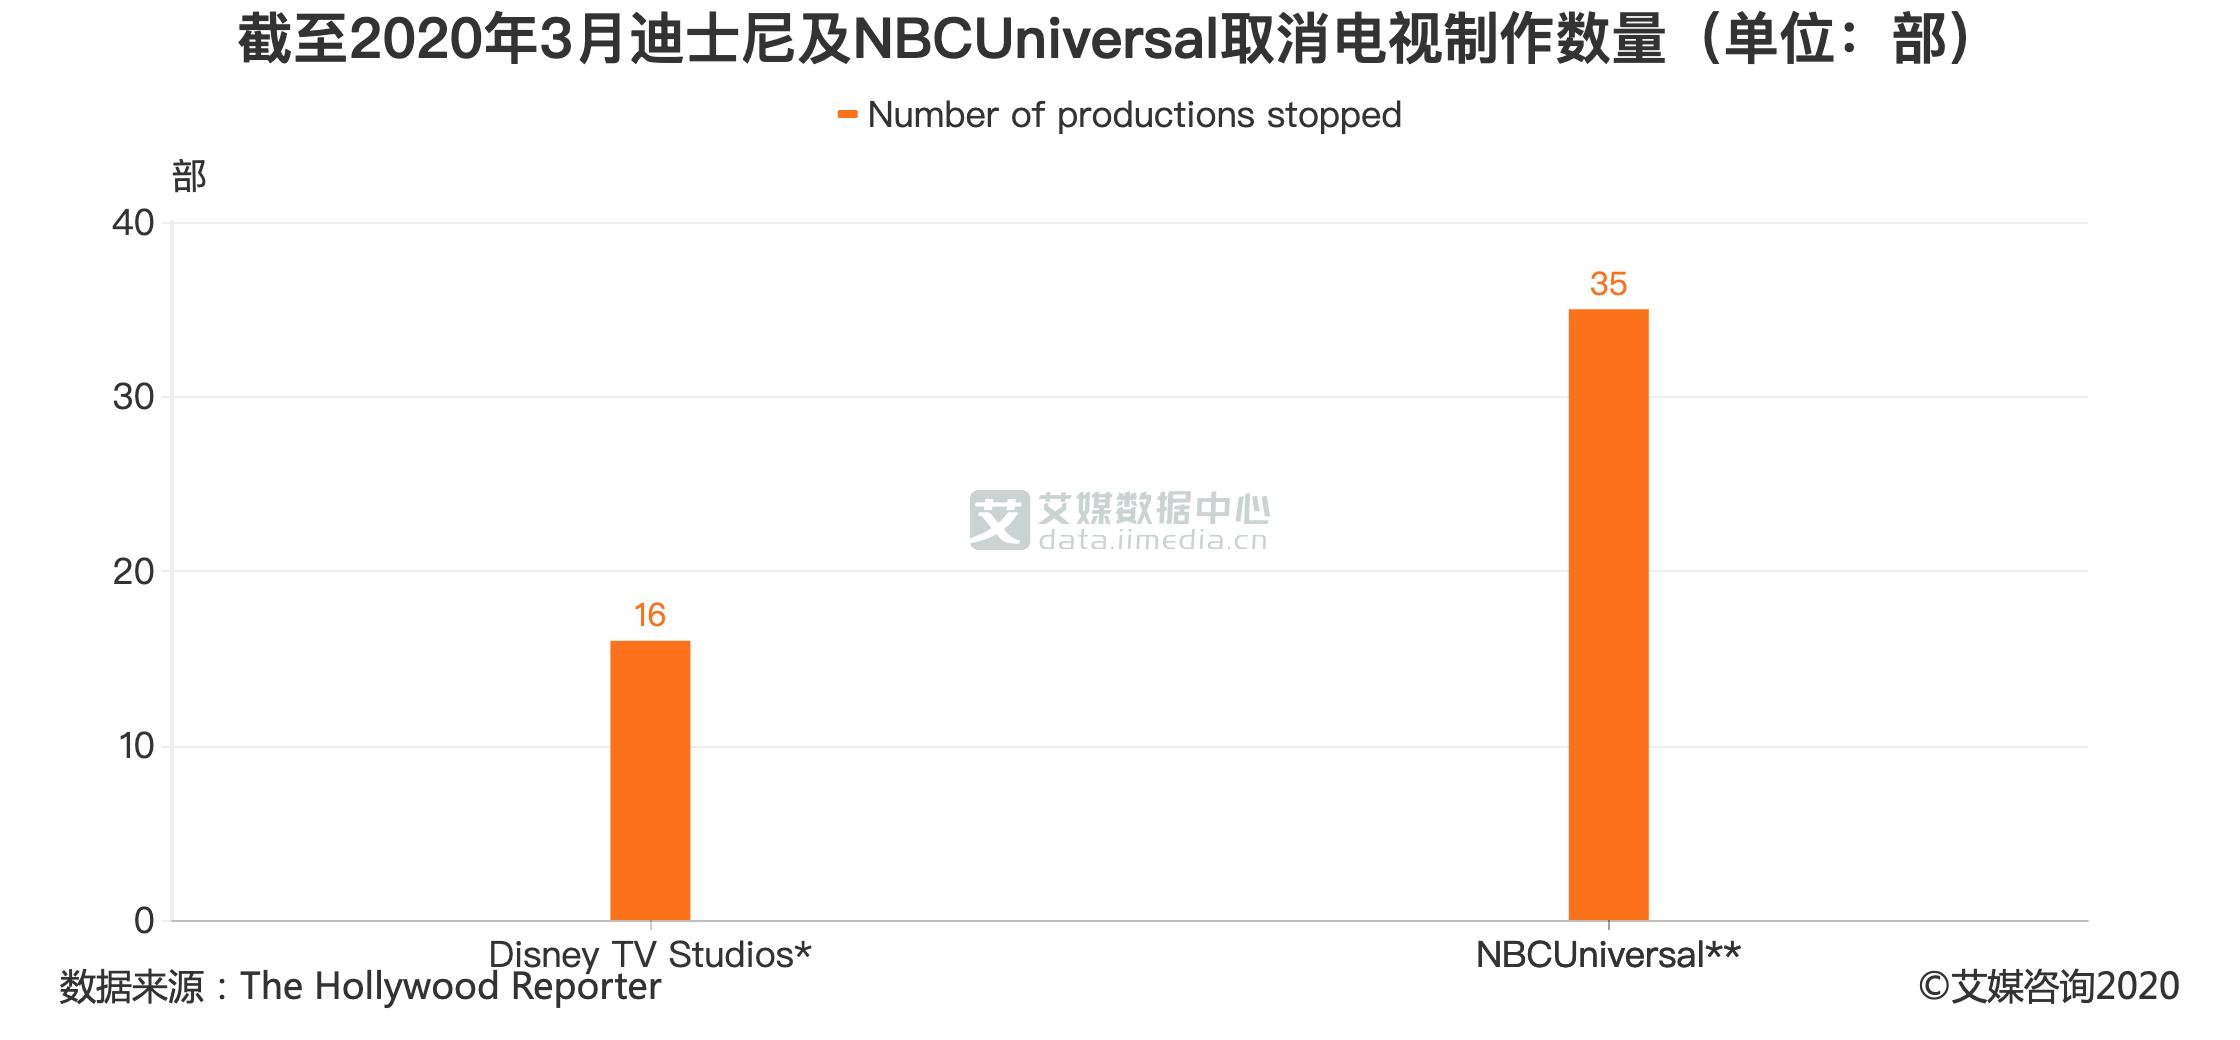 截至2020年3月迪士尼及NBCUniversal取消电视制作数量(单位:部)